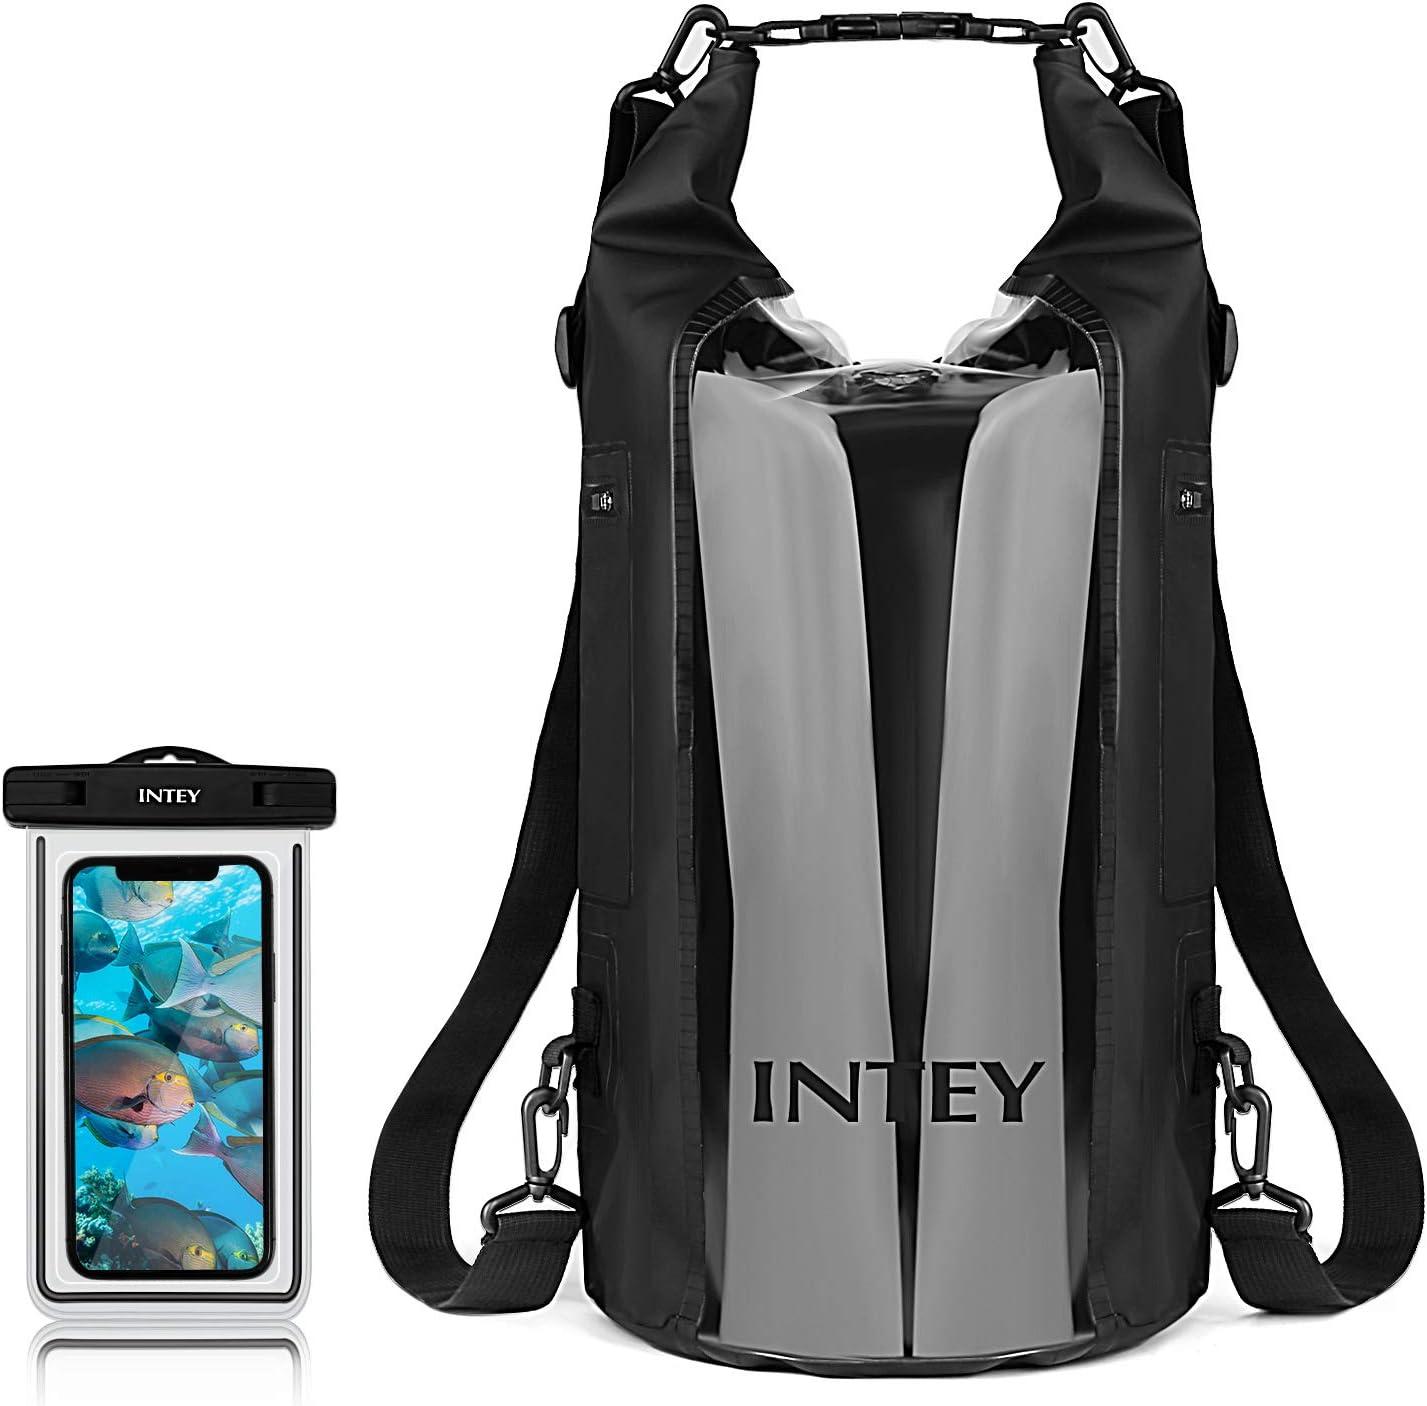 INTEY 30L Dry Bag,Anti-Water 100% Floating Storage Bag for Kayaking,Camping, Traveling, Rafting,Fishing,Hiking,Skiing,Water Sports, Black